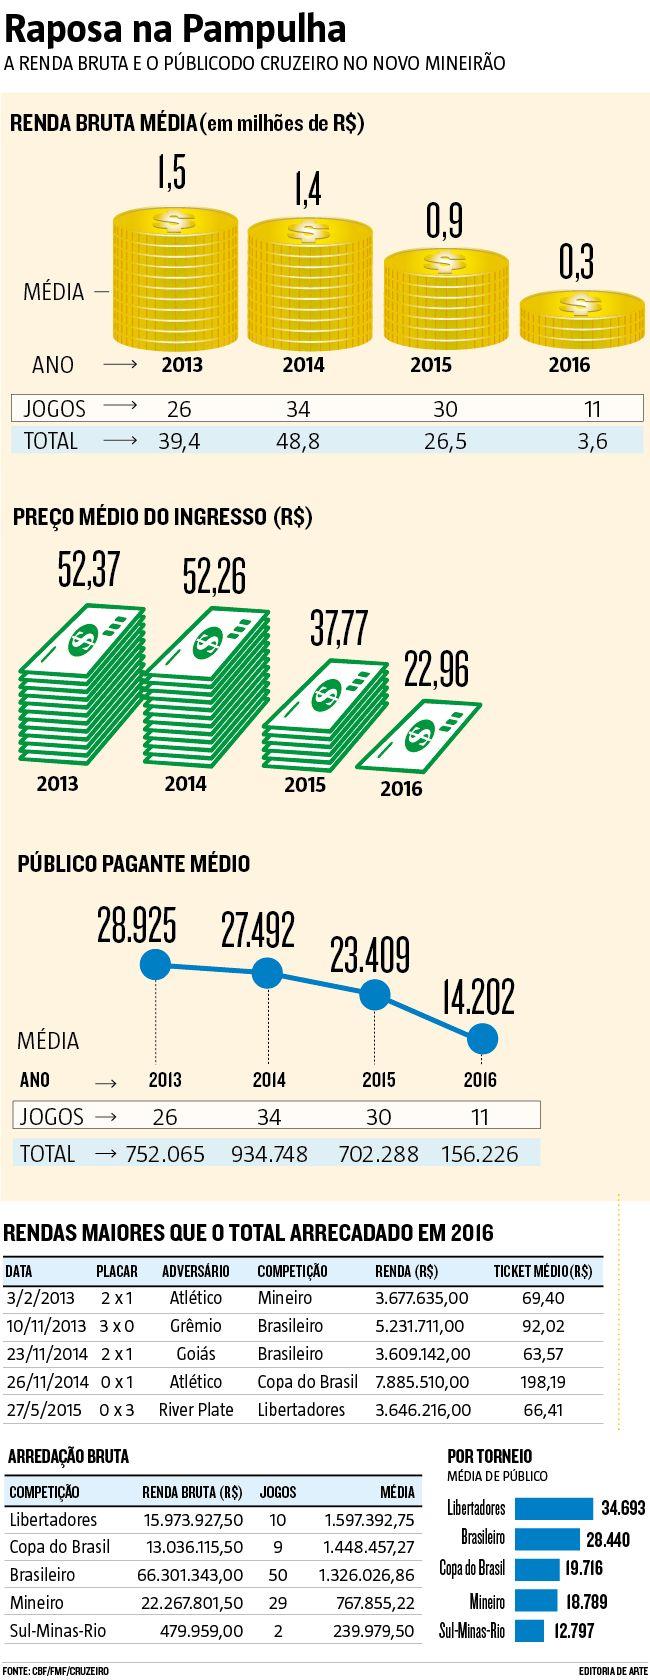 O pedido de rescisão do contrato de 25 anos com a Minas Arena, com uma liminar protocolada ontem pelo Cruzeiro, como resposta à ação em que a empresa pede o bloqueio de contas do clube para quitação de uma dívida de cerca de R$ 9 milhões, pelo não pagamento de despesas dos jogos desde julho de 2013, é a prova de que o Mineirão, nos tempos de baixa técnica da Raposa e crise econômica, virou um Elefante branco. (26/05/2016) #Mineirão #Cruzeiro #MinasArena #Infográfico #Infografia #HojeEmDia